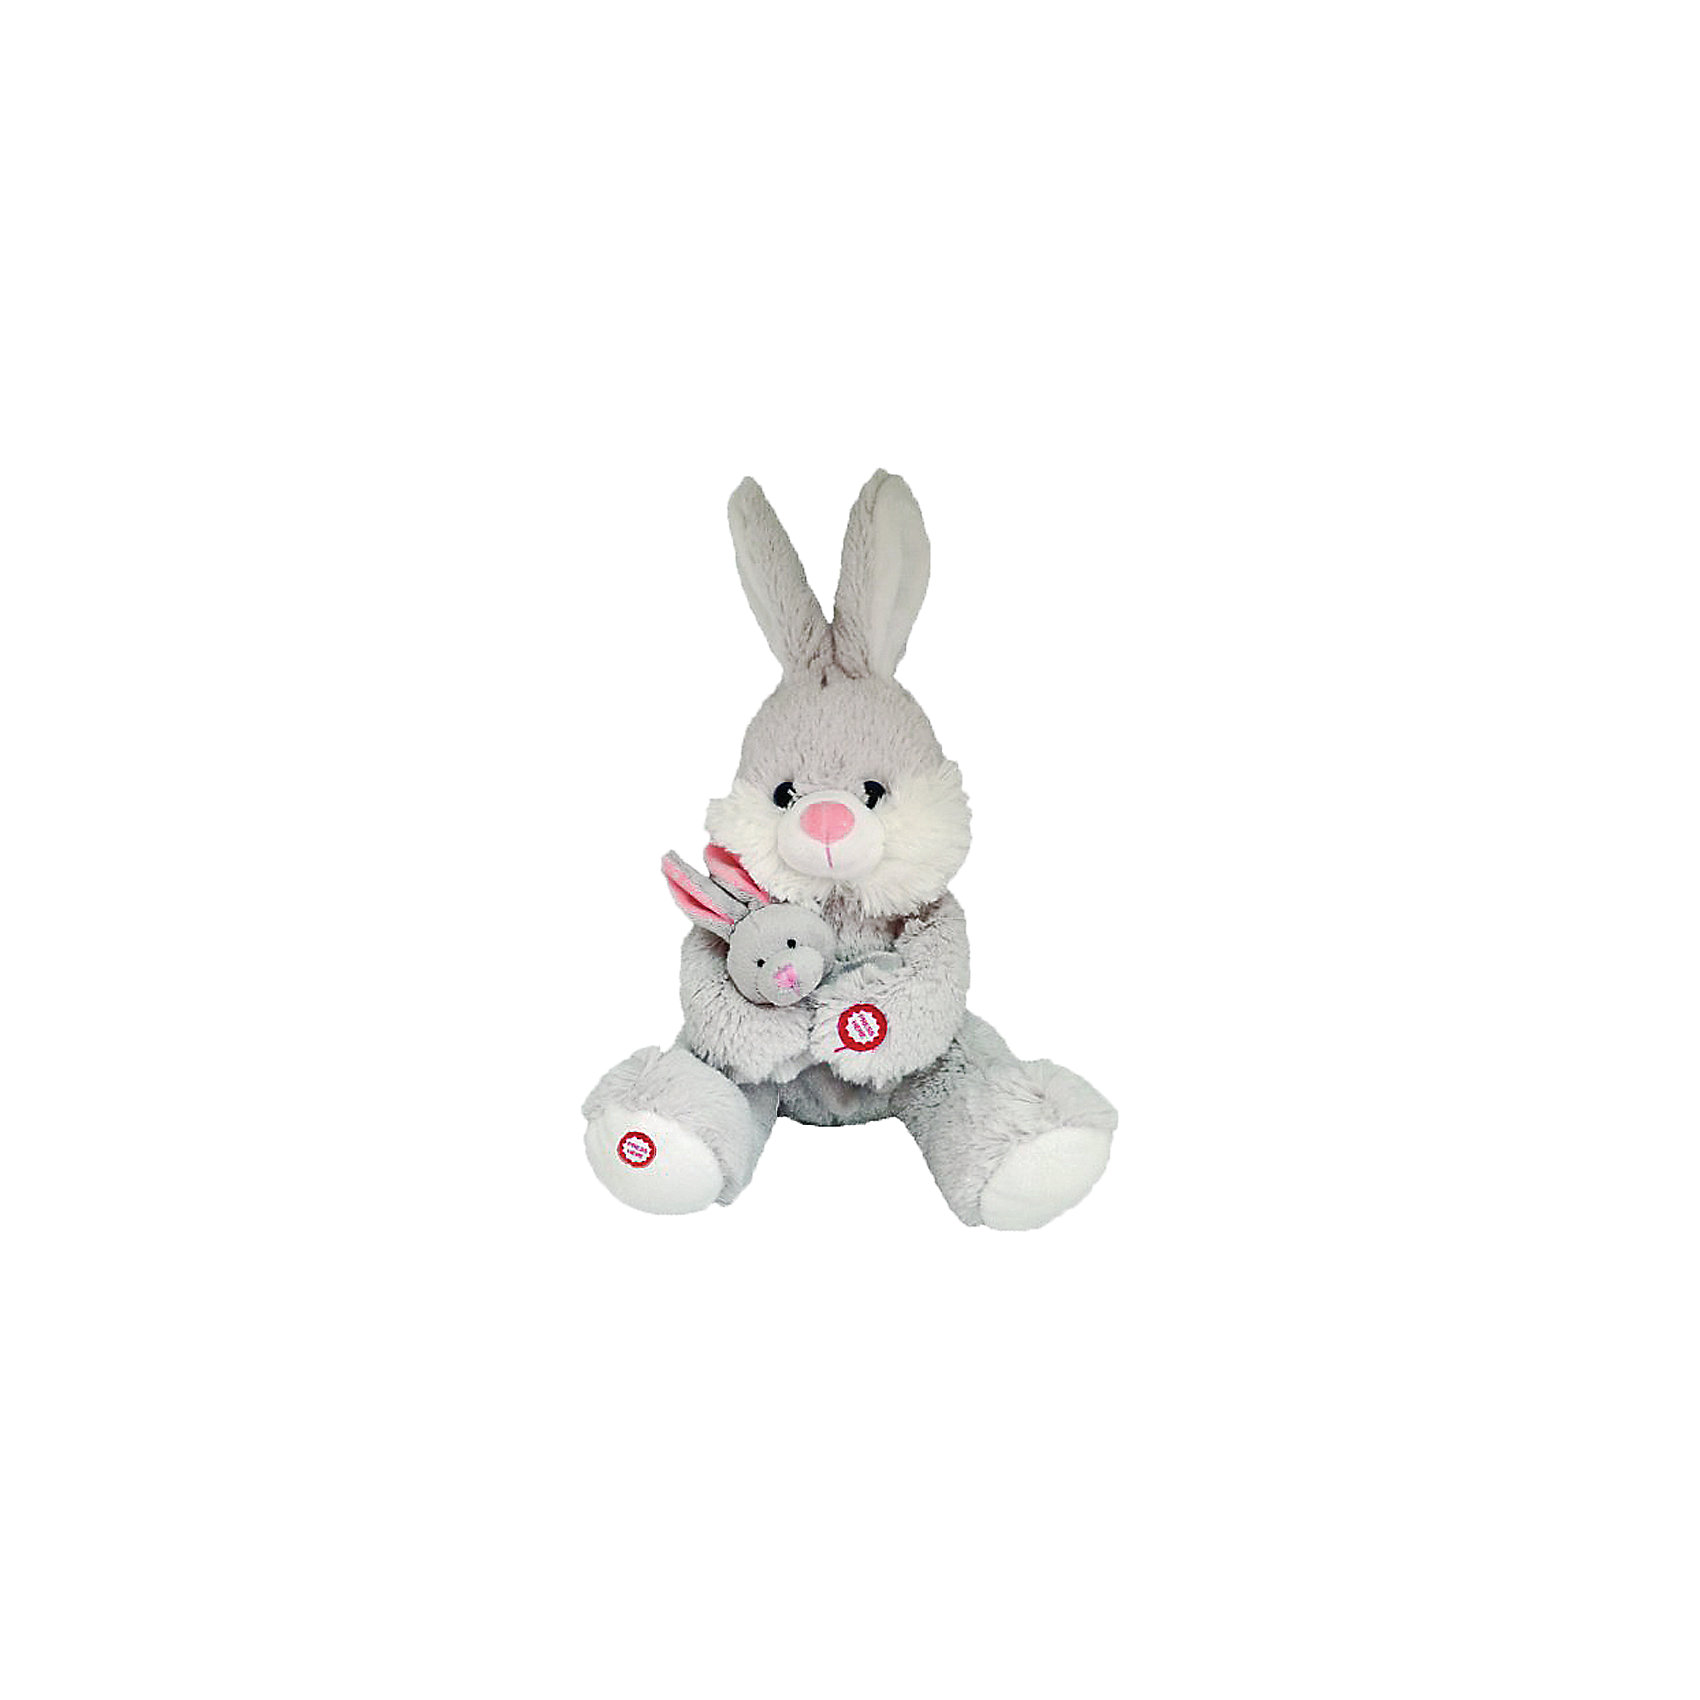 Fluffy Family Интерактивная игрушка Мама и малыш Зайка, Fluffy Family интерактивная игрушка fluffy family бобер повторяшка от 3 лет 681012 коричневый